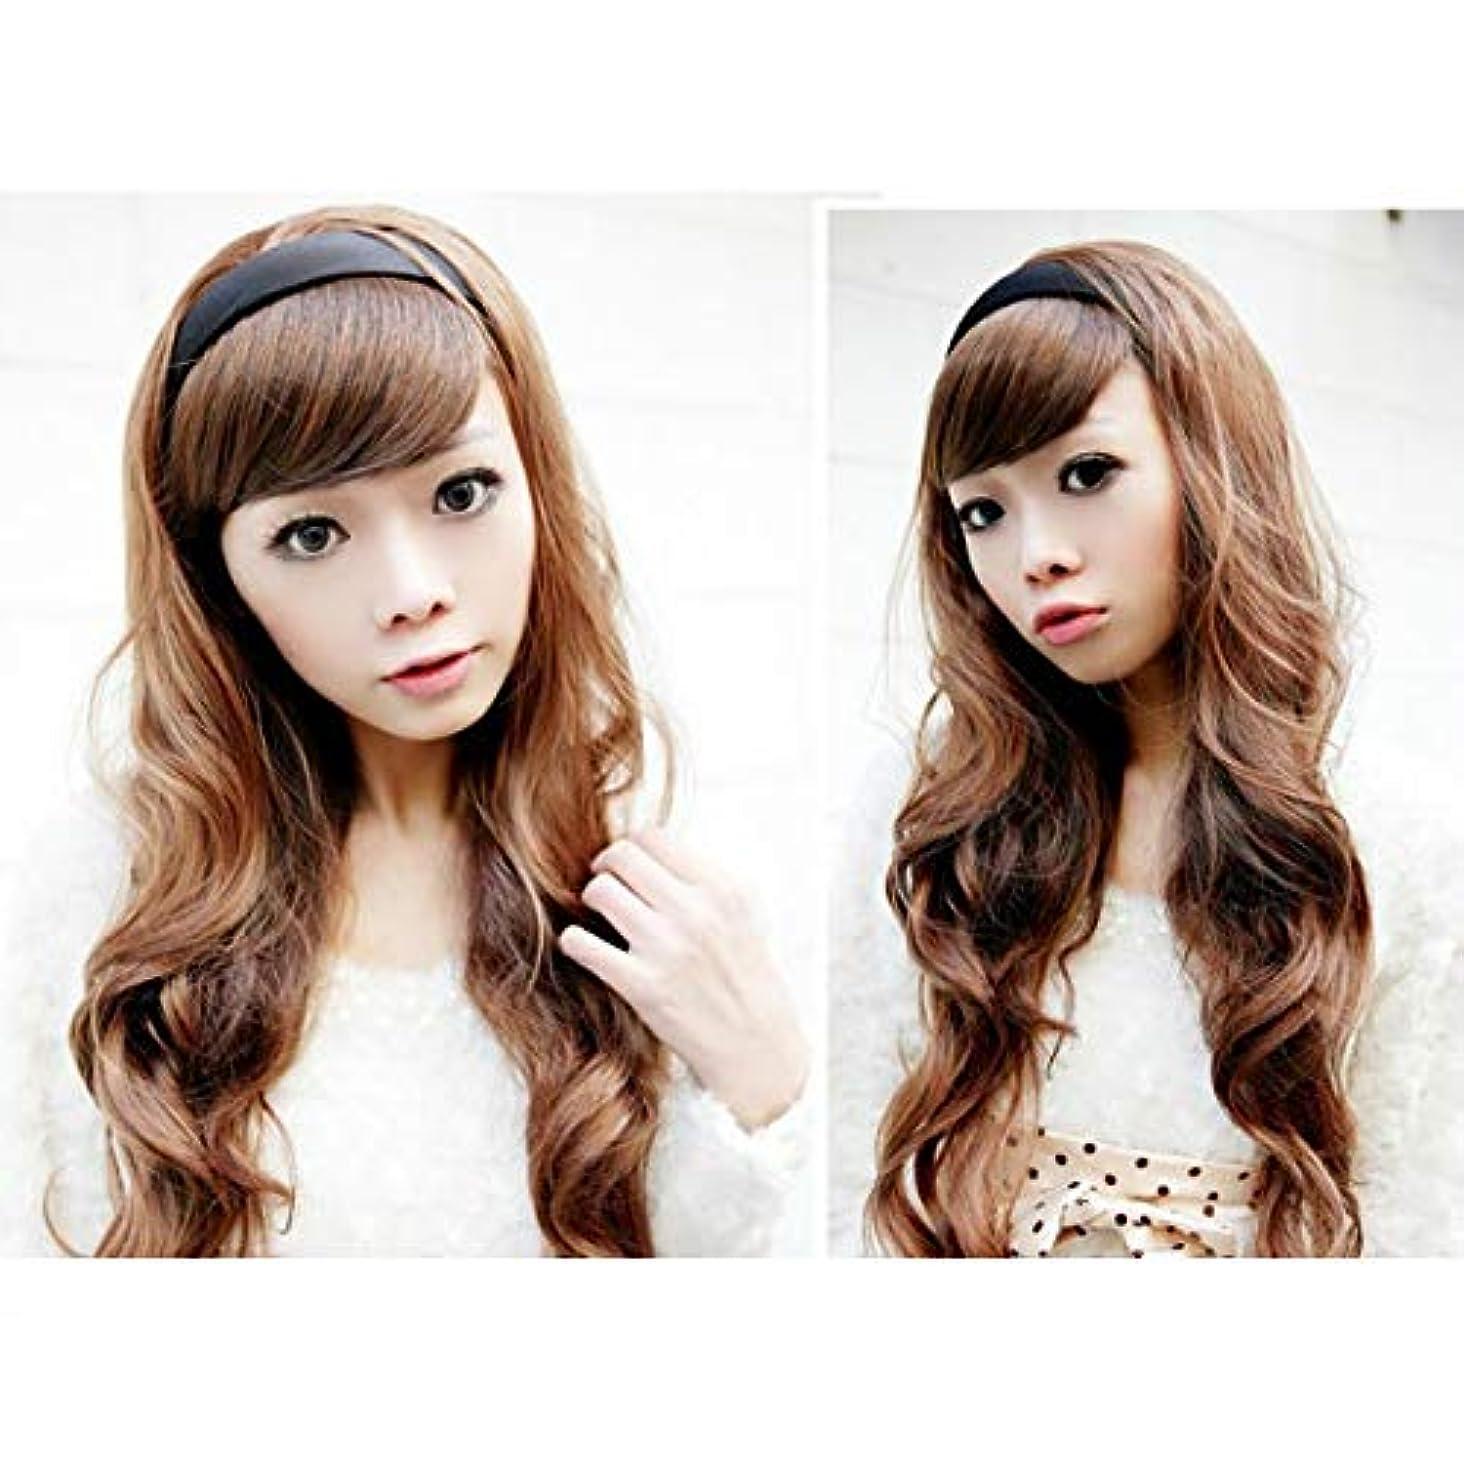 コール検索エンジンマーケティング口述するYZUEYT 女性の毛のウィッグは、黒いフープのヘッドブランドと長い波状 YZUEYT (Color : Color Dark Brown, Size : One size)